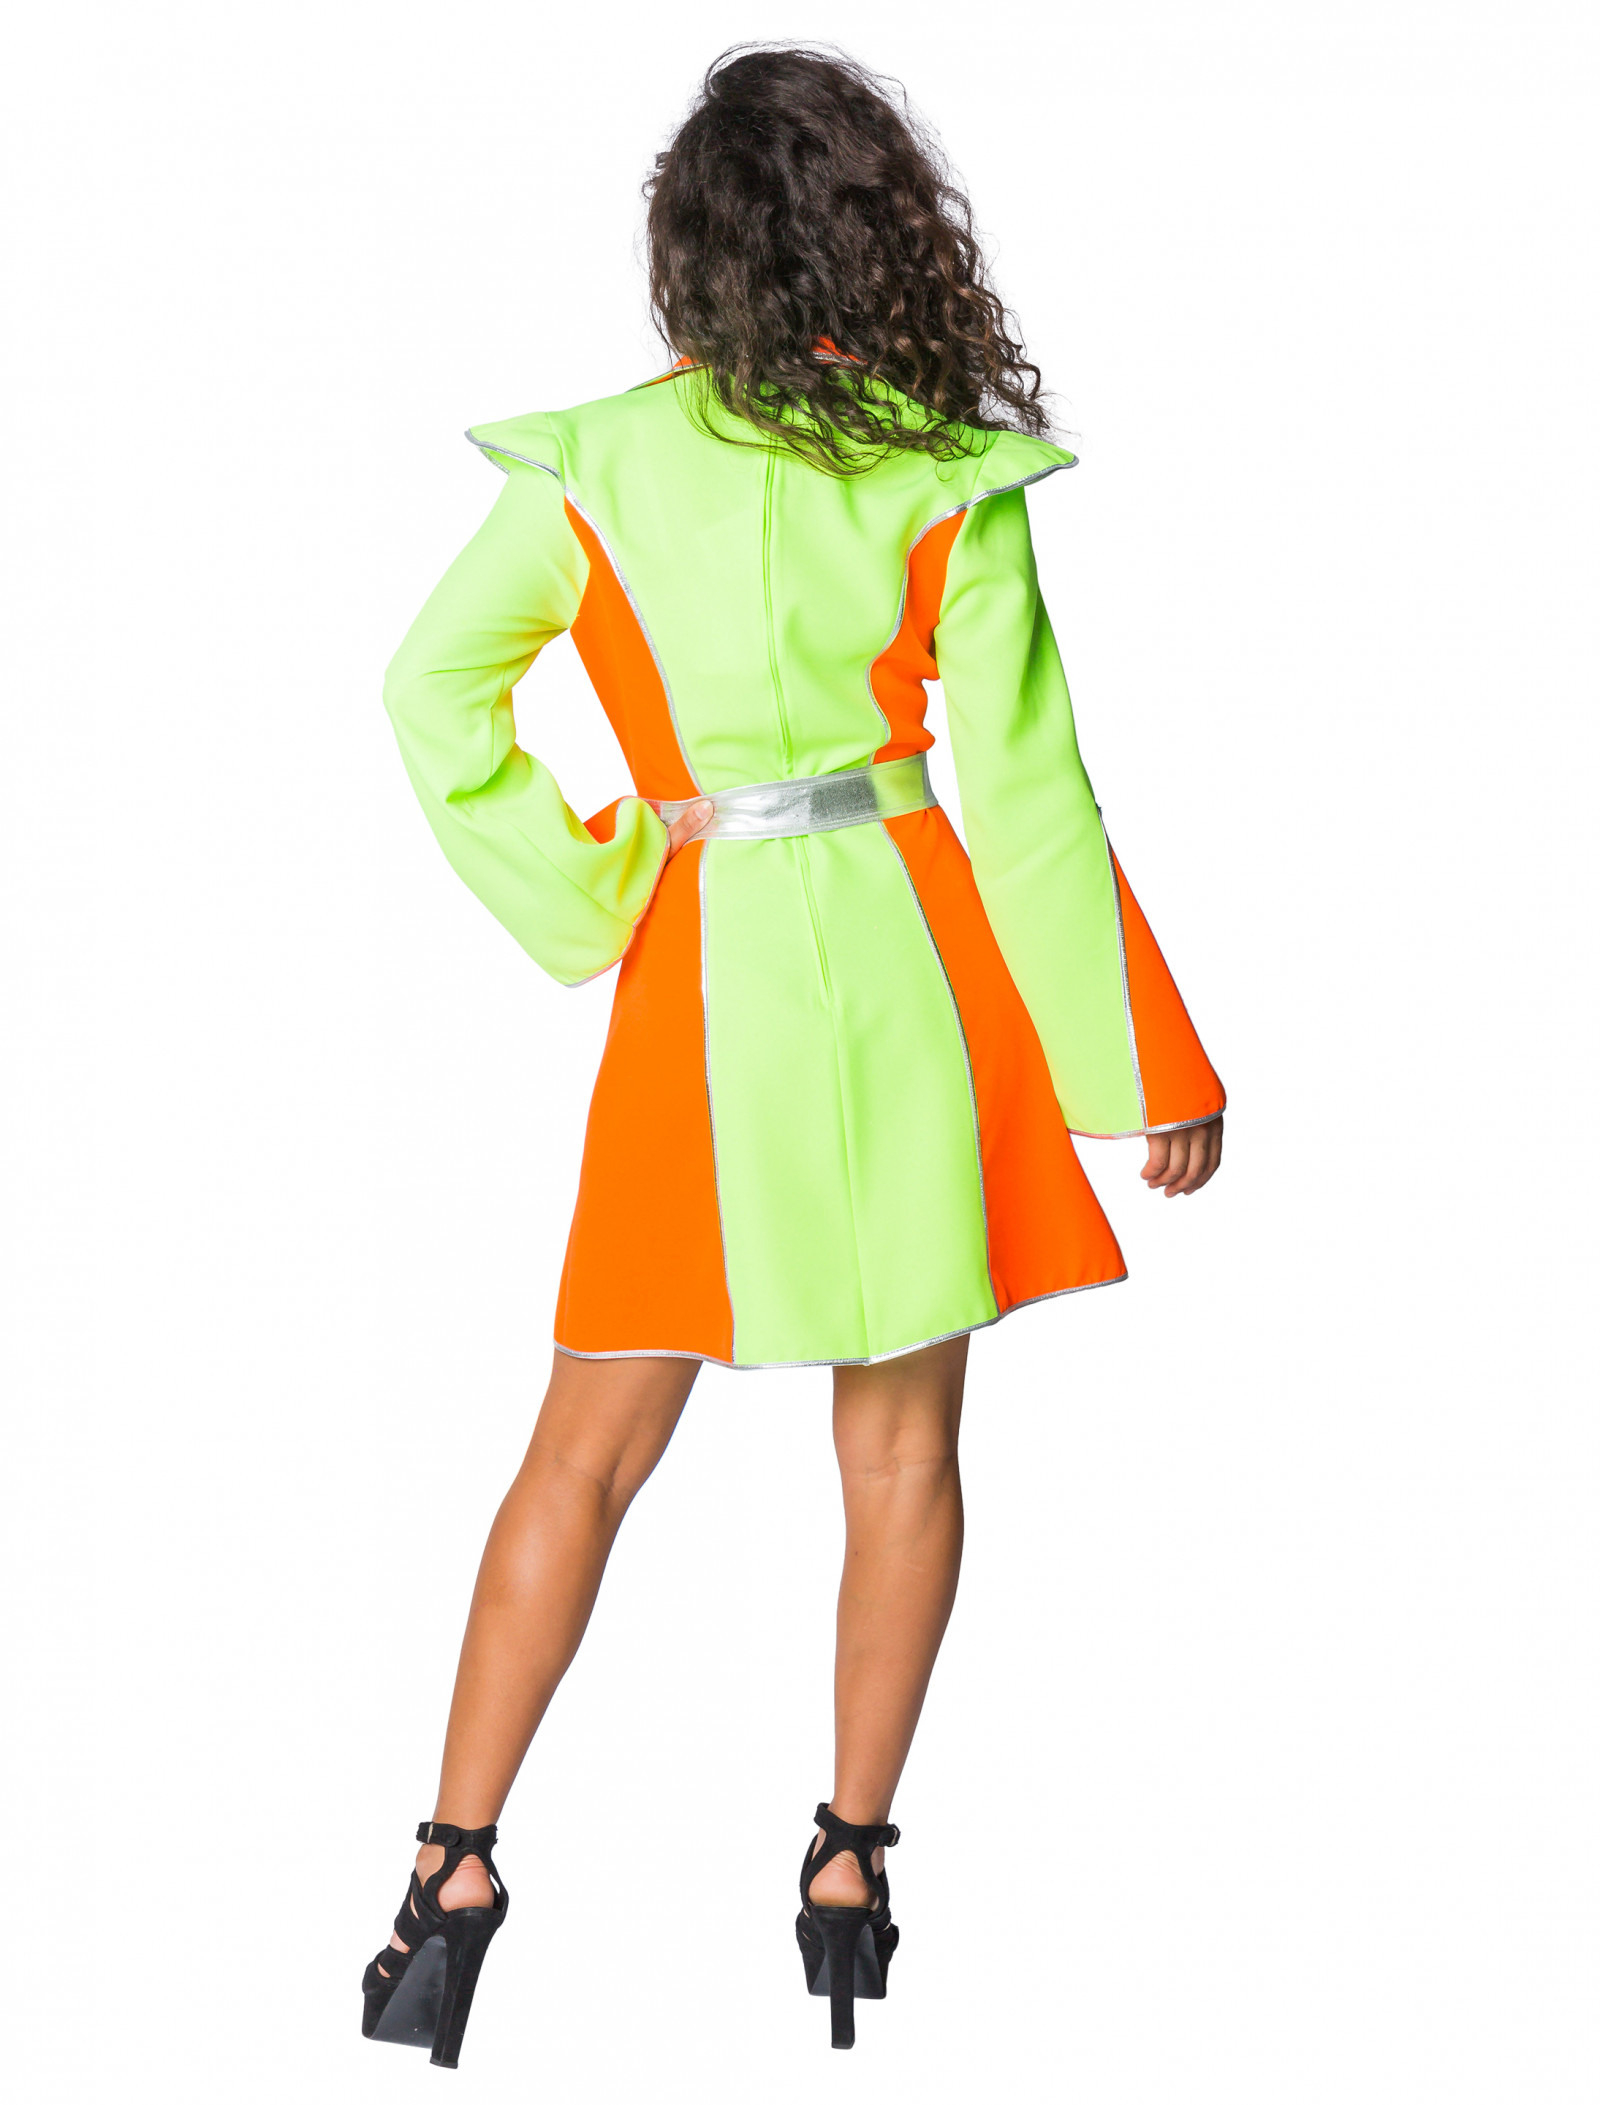 Disco Kleid Für Karneval  Fasching Kaufen  Deiters